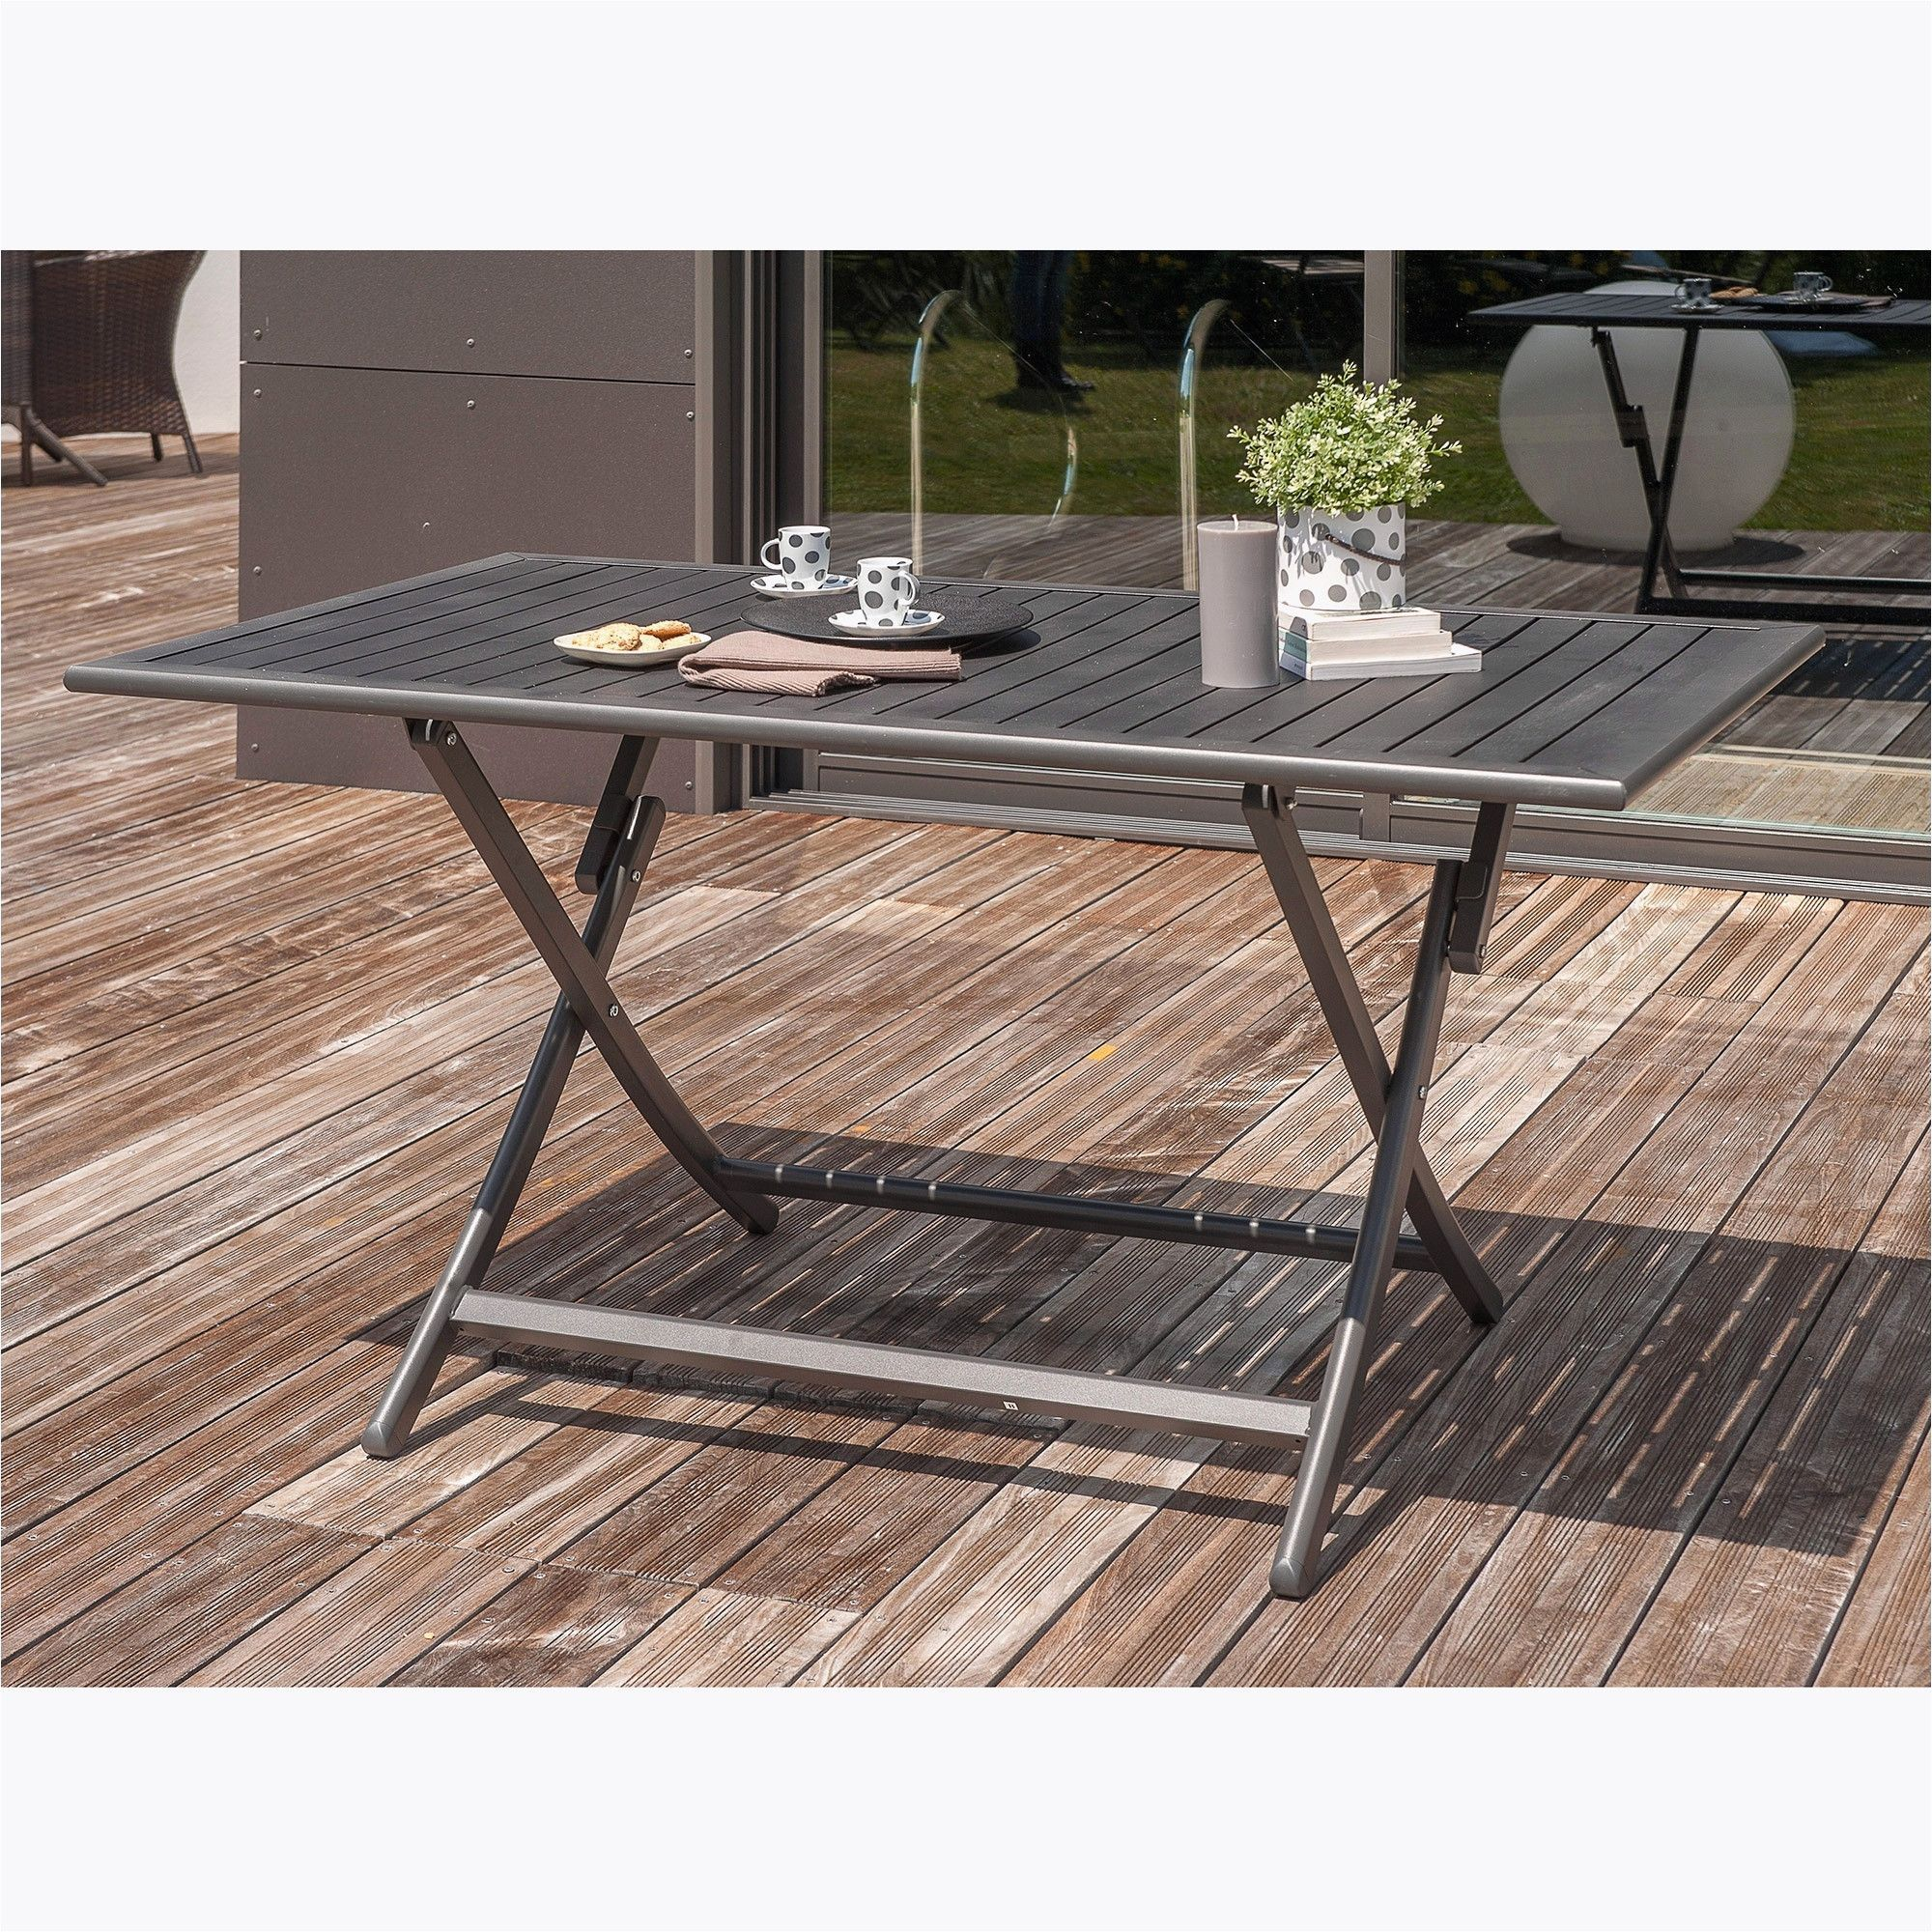 Table Pliante De Jardin Frais Table Pliante Leclerc Beau S Leclerc Table De Jardin